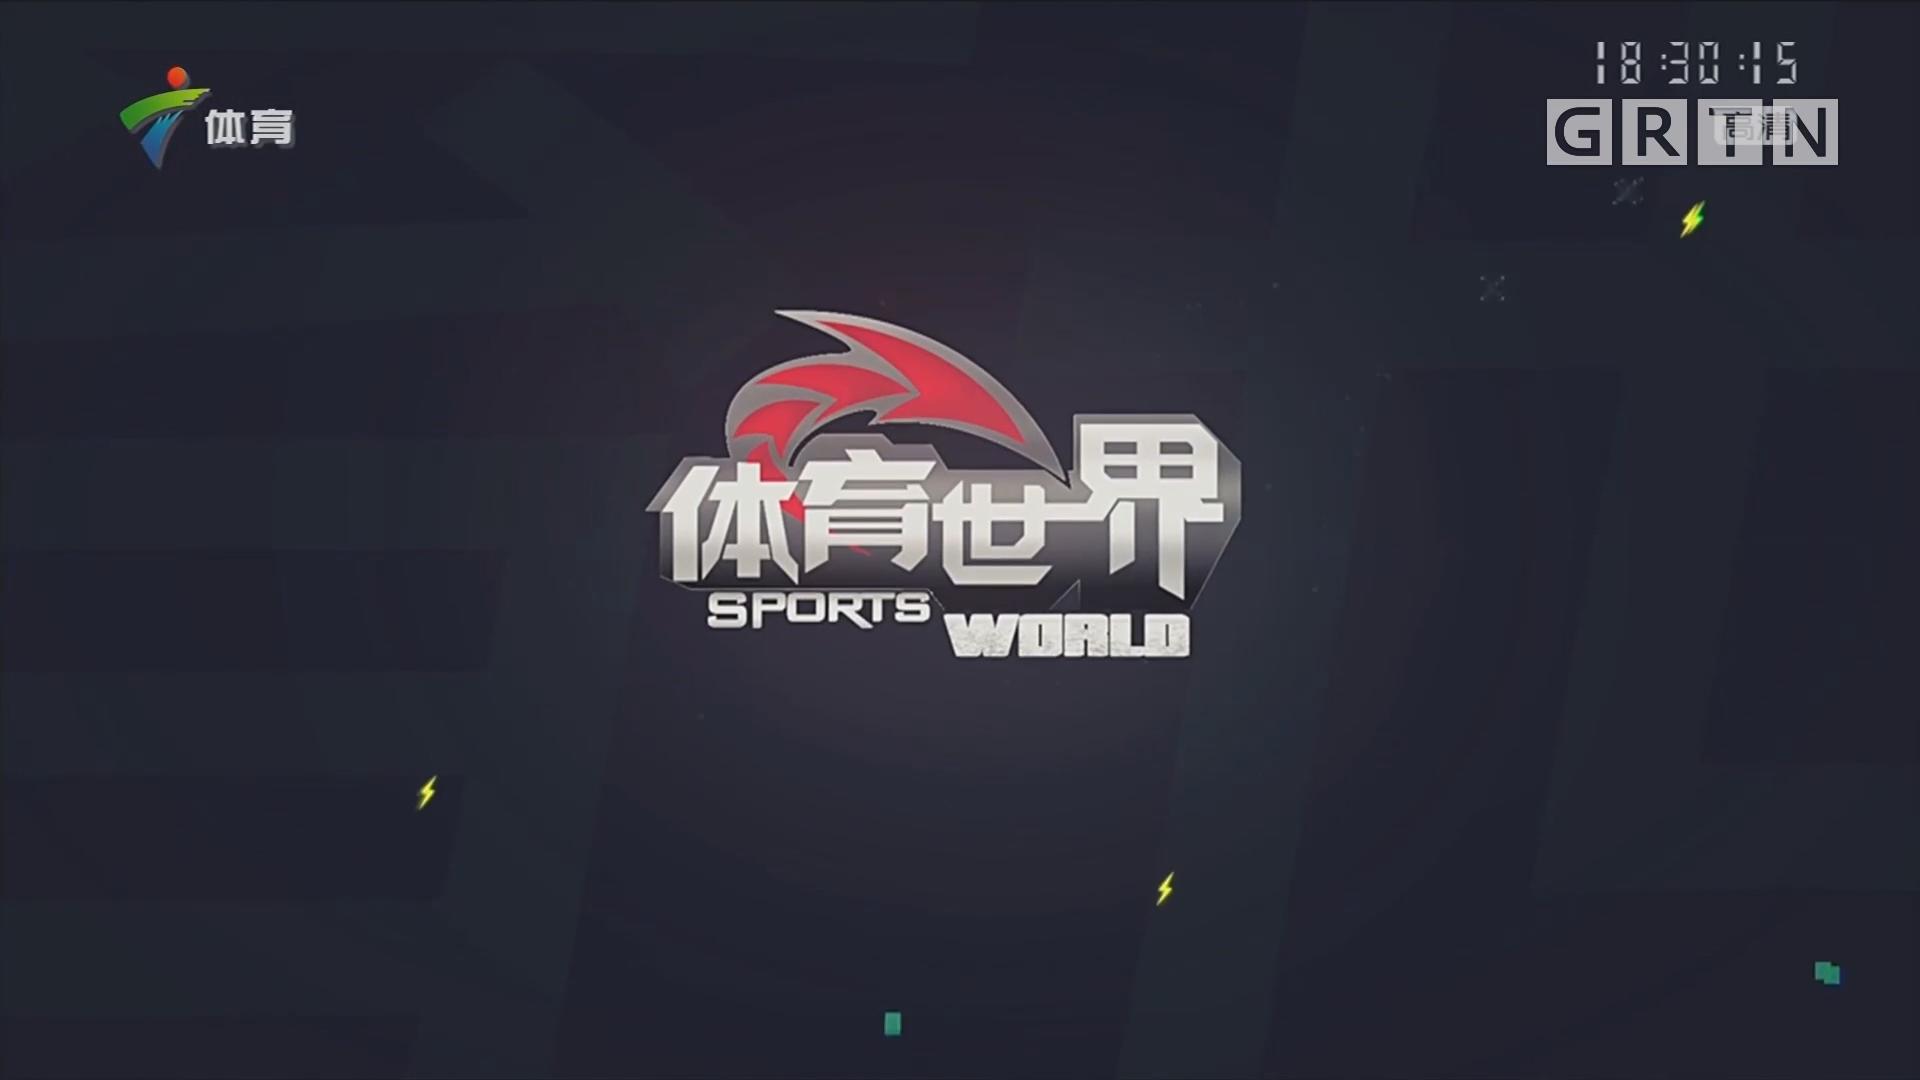 [HD][2018-09-15]体育世界:城际穿梭公益跑 千人齐聚点亮希望之光